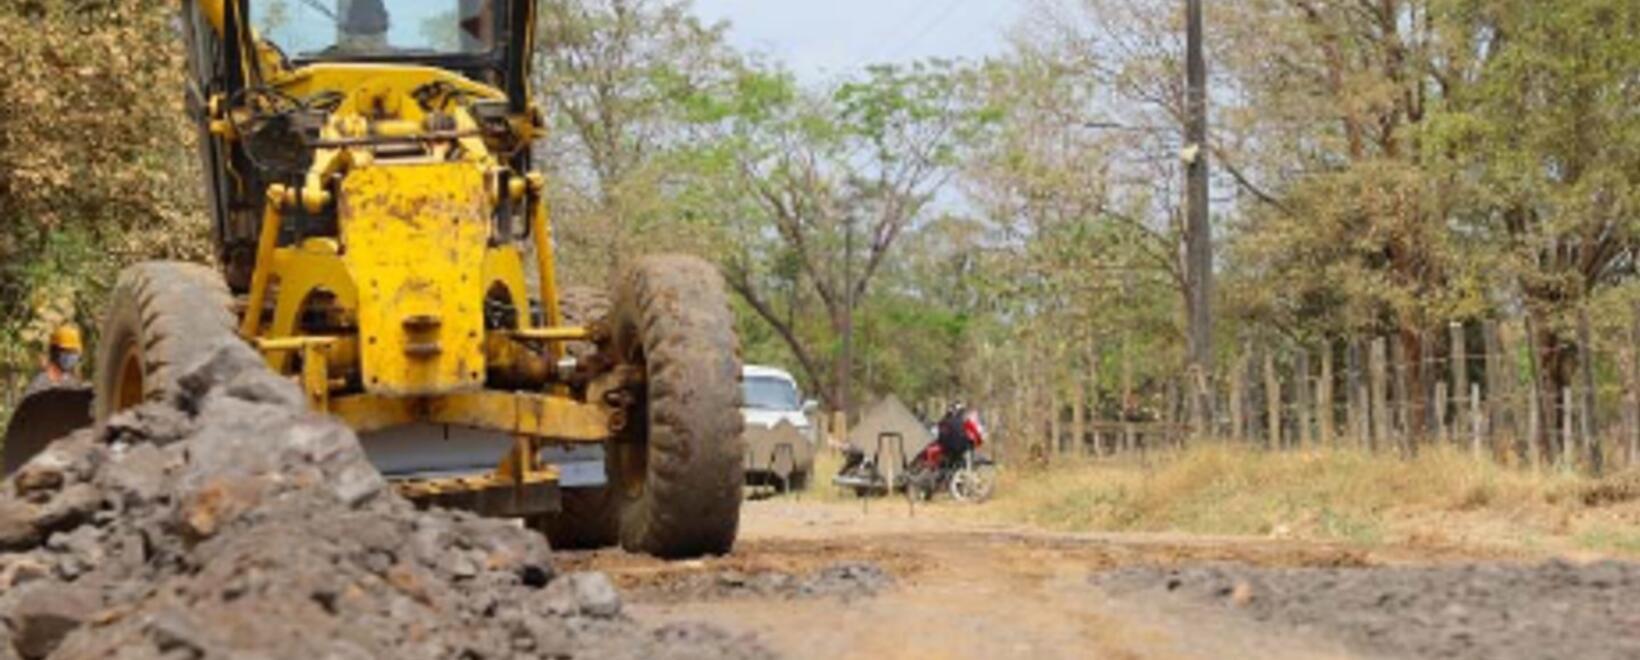 Carreteras en zonas remotas - USAID